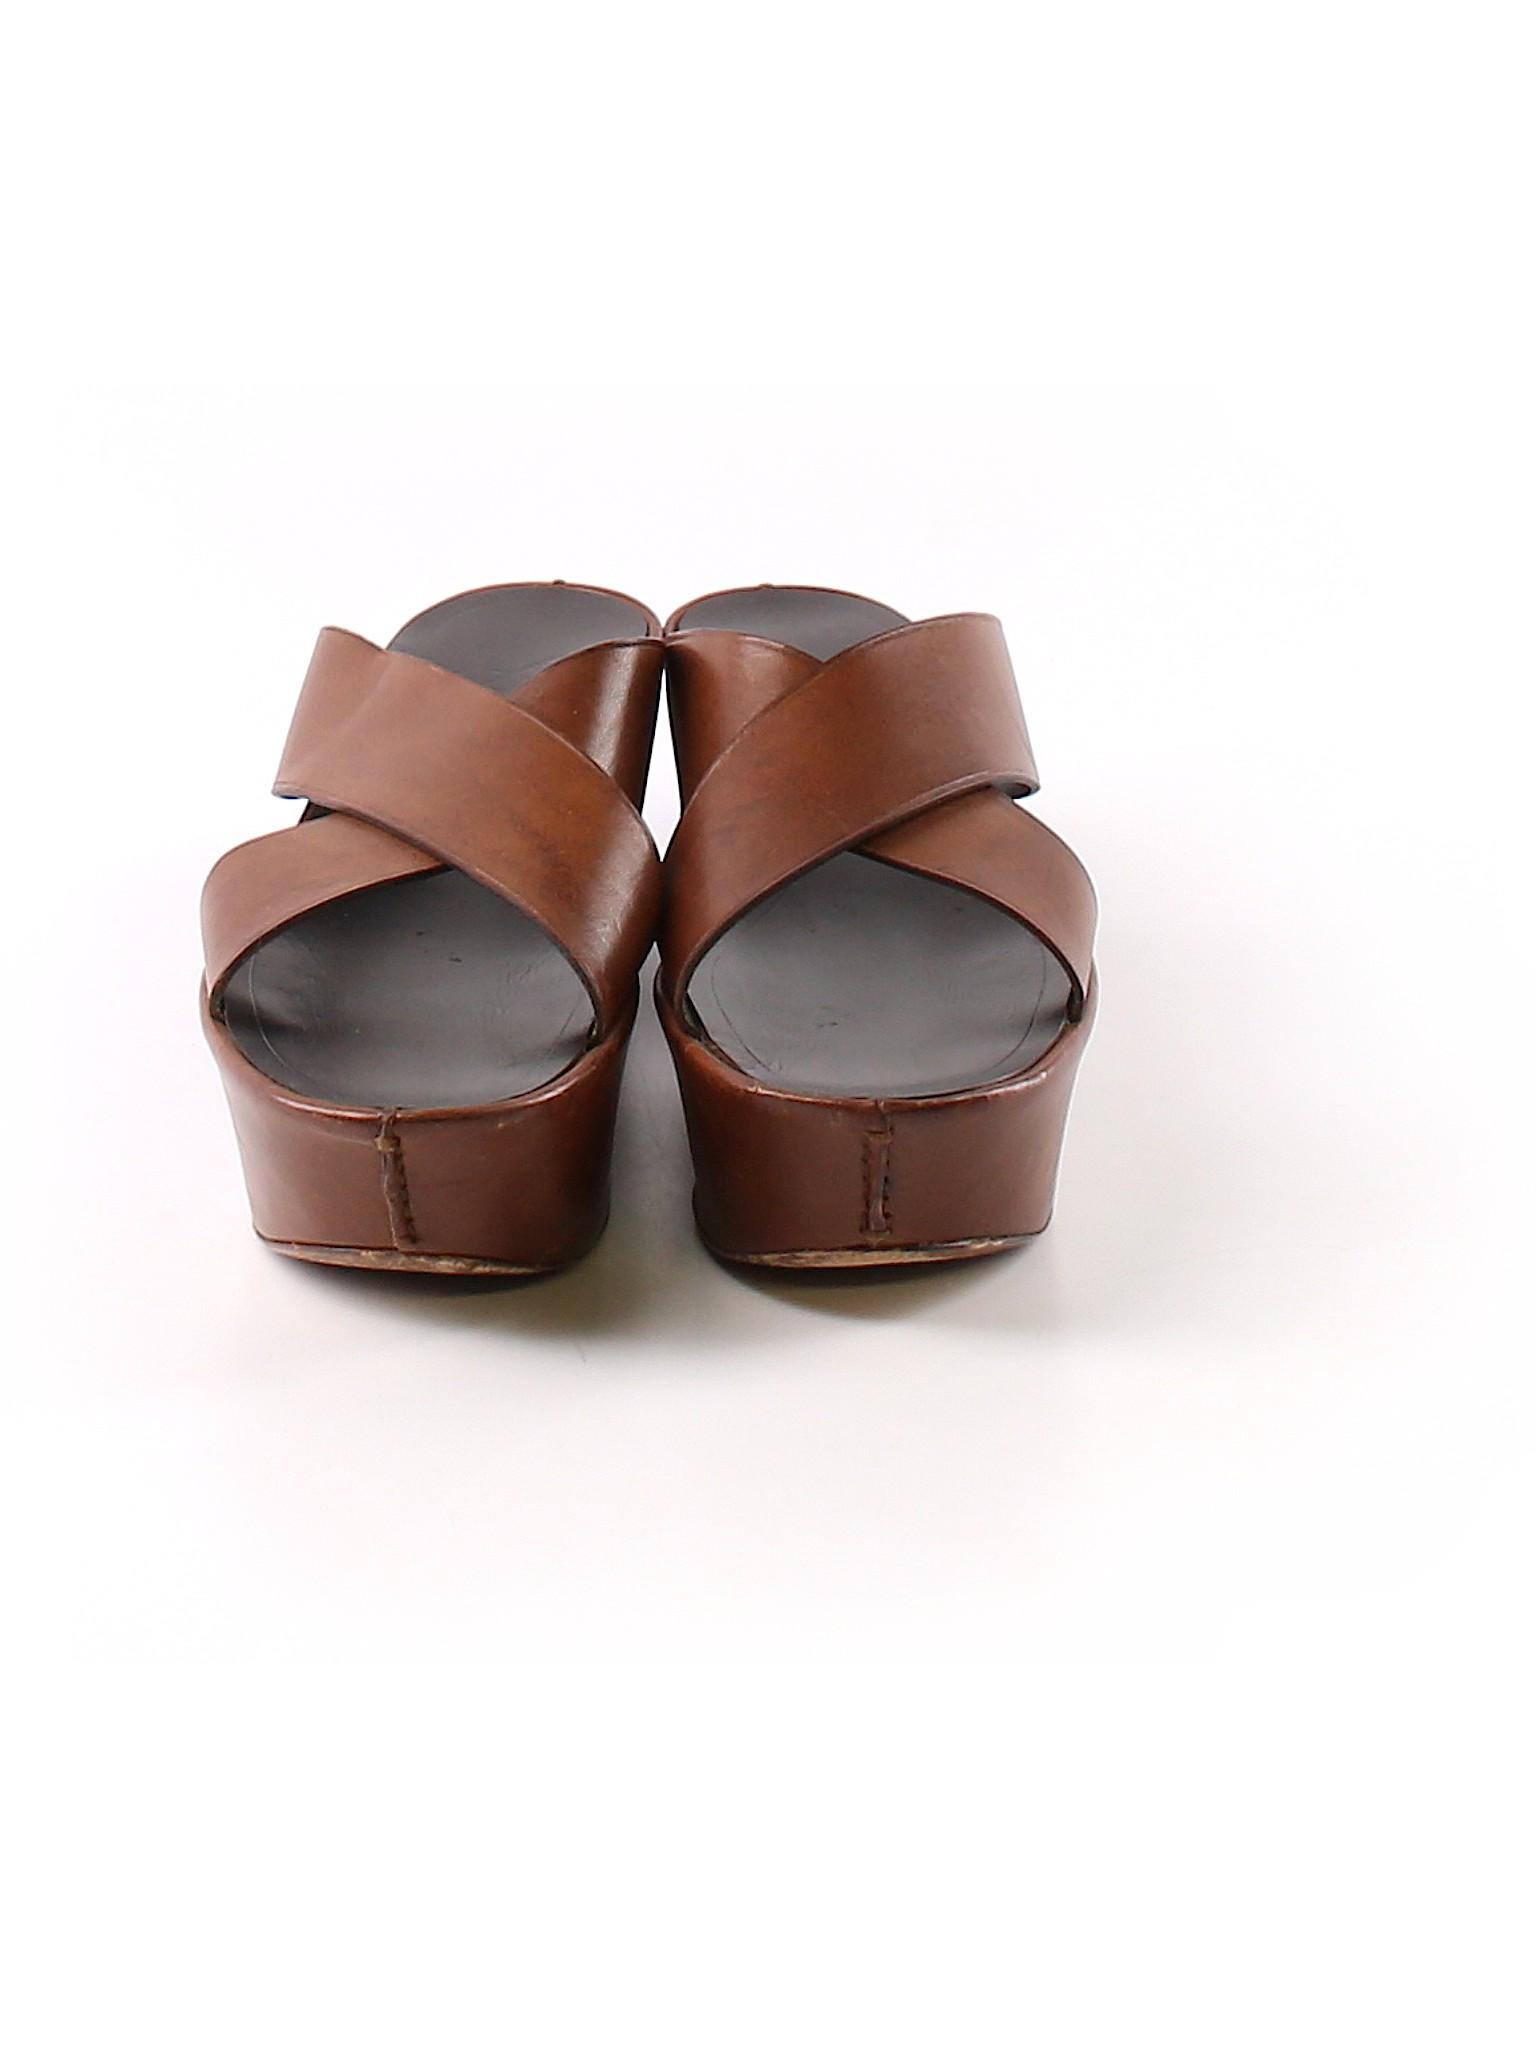 promotion Sandals Boutique Yves Saint Laurent 0wdWq7T1